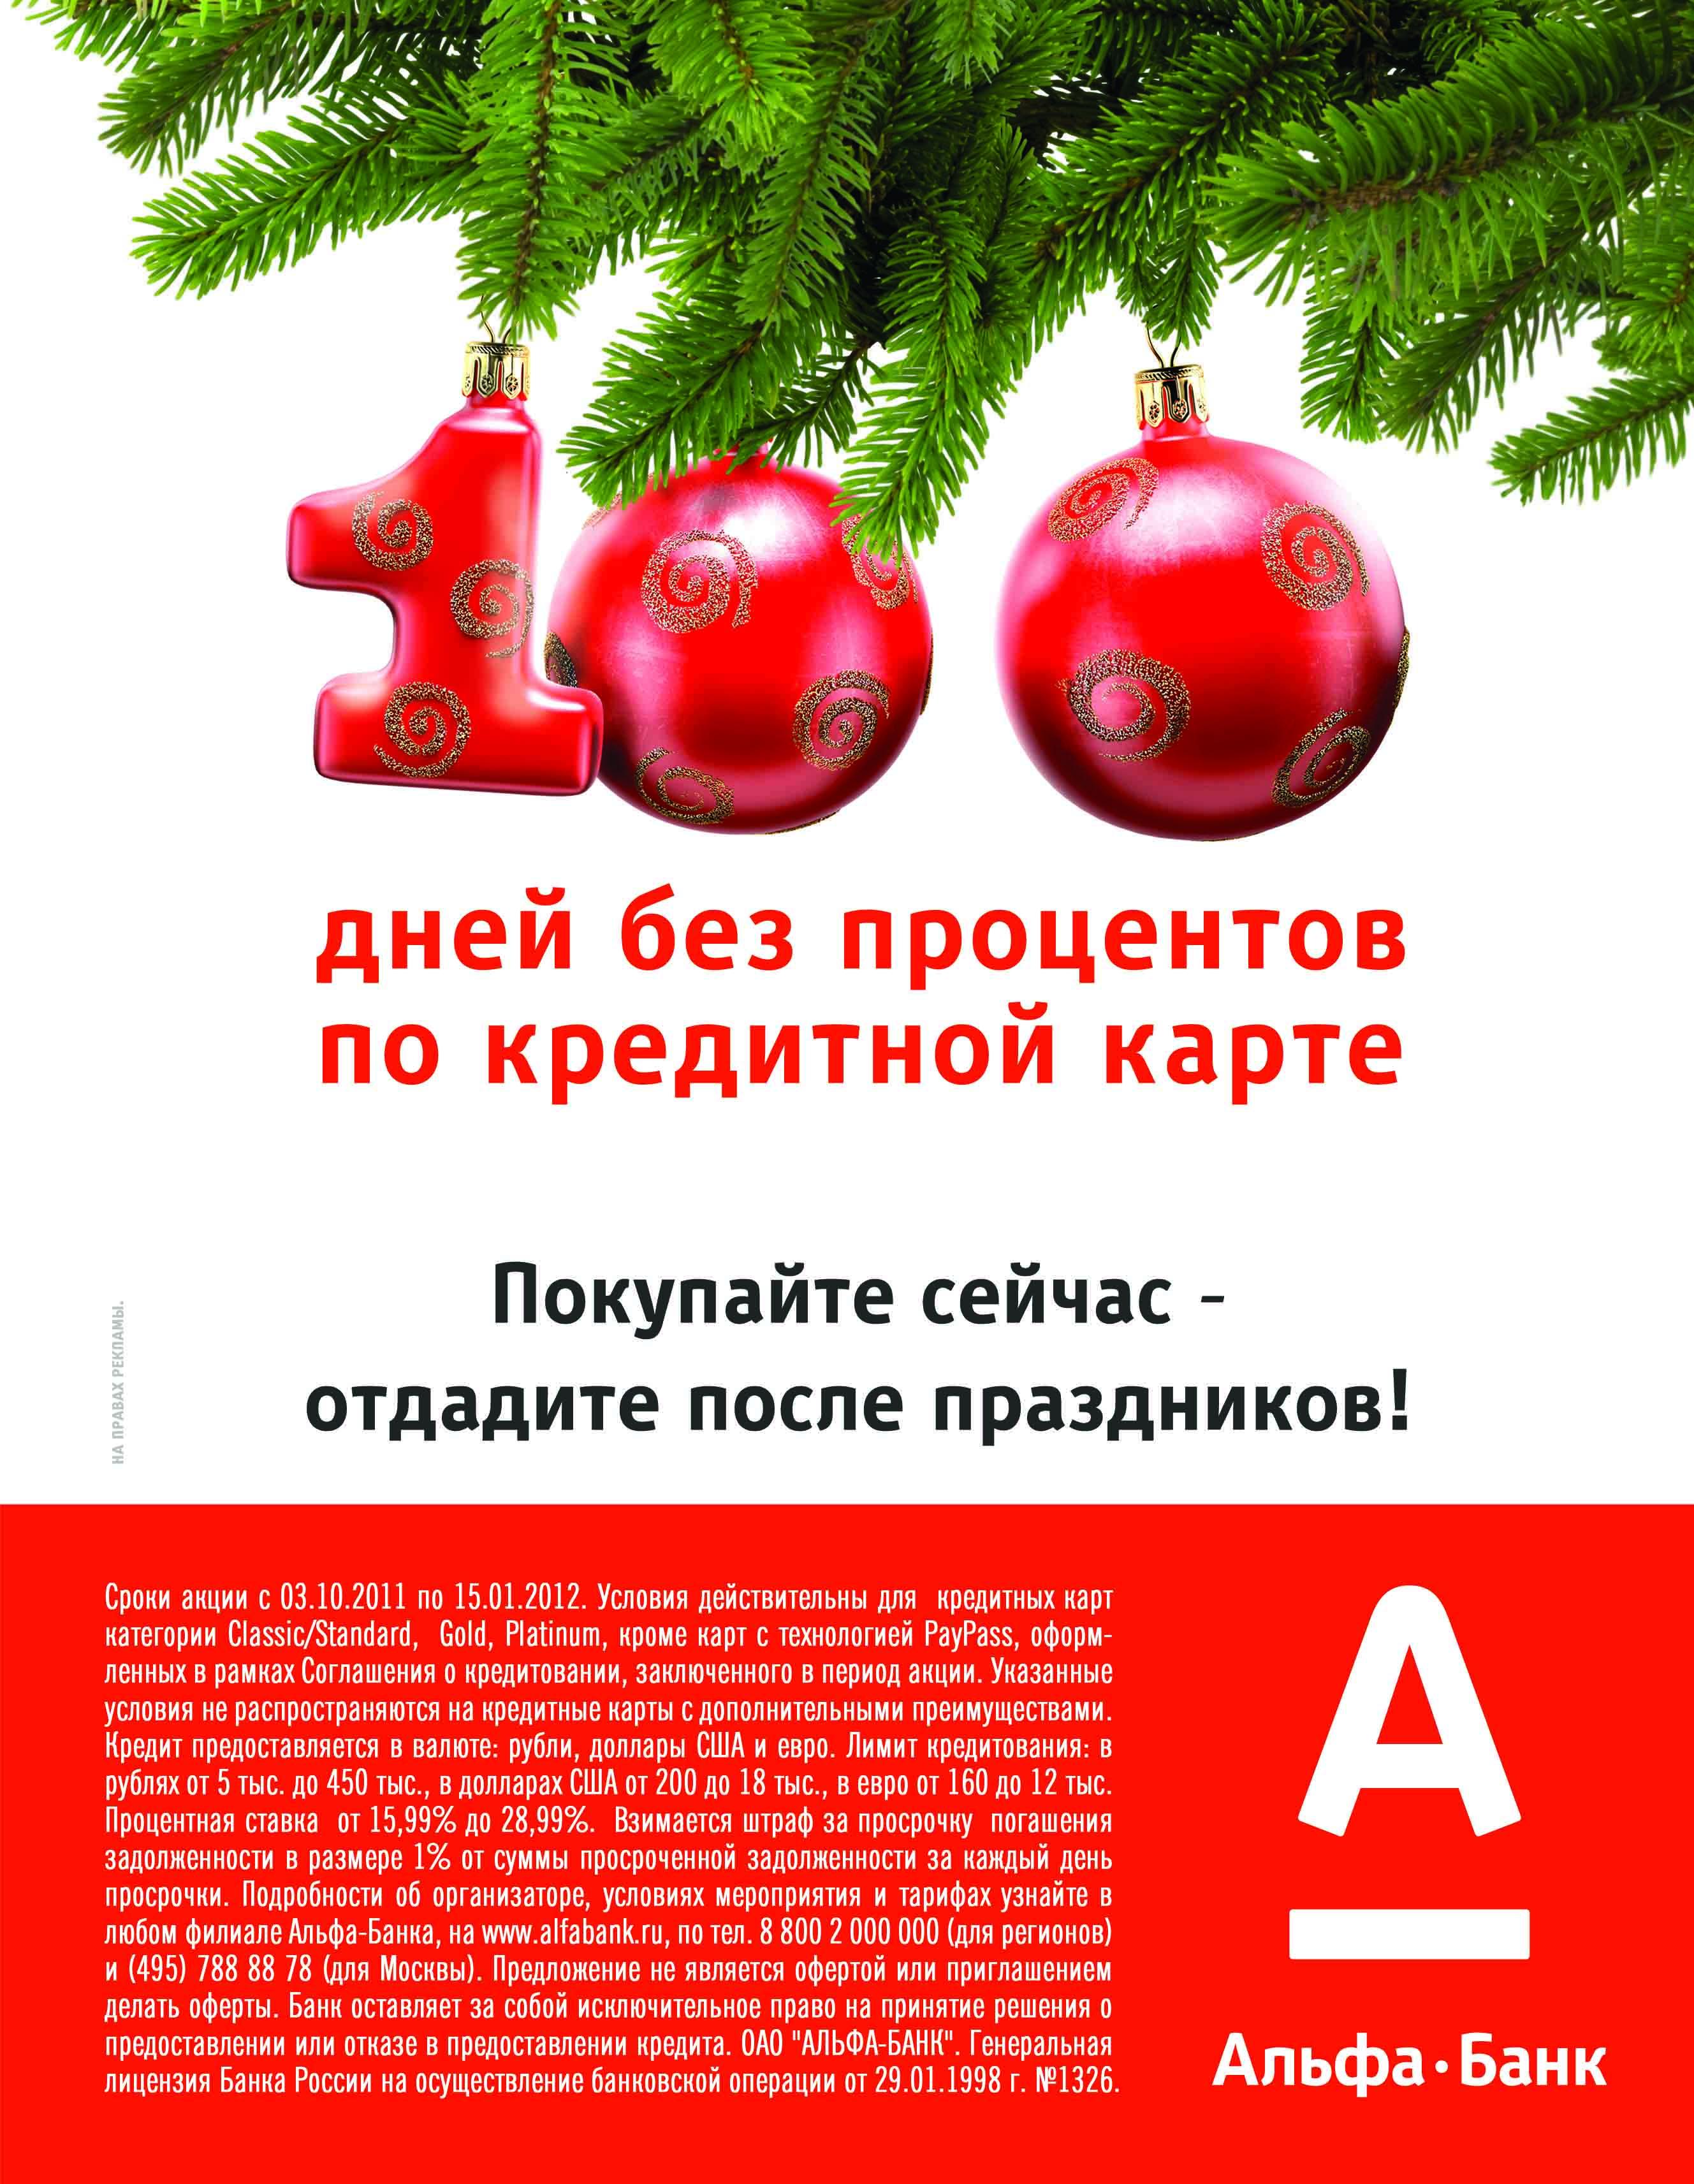 реклама кредитных организаций